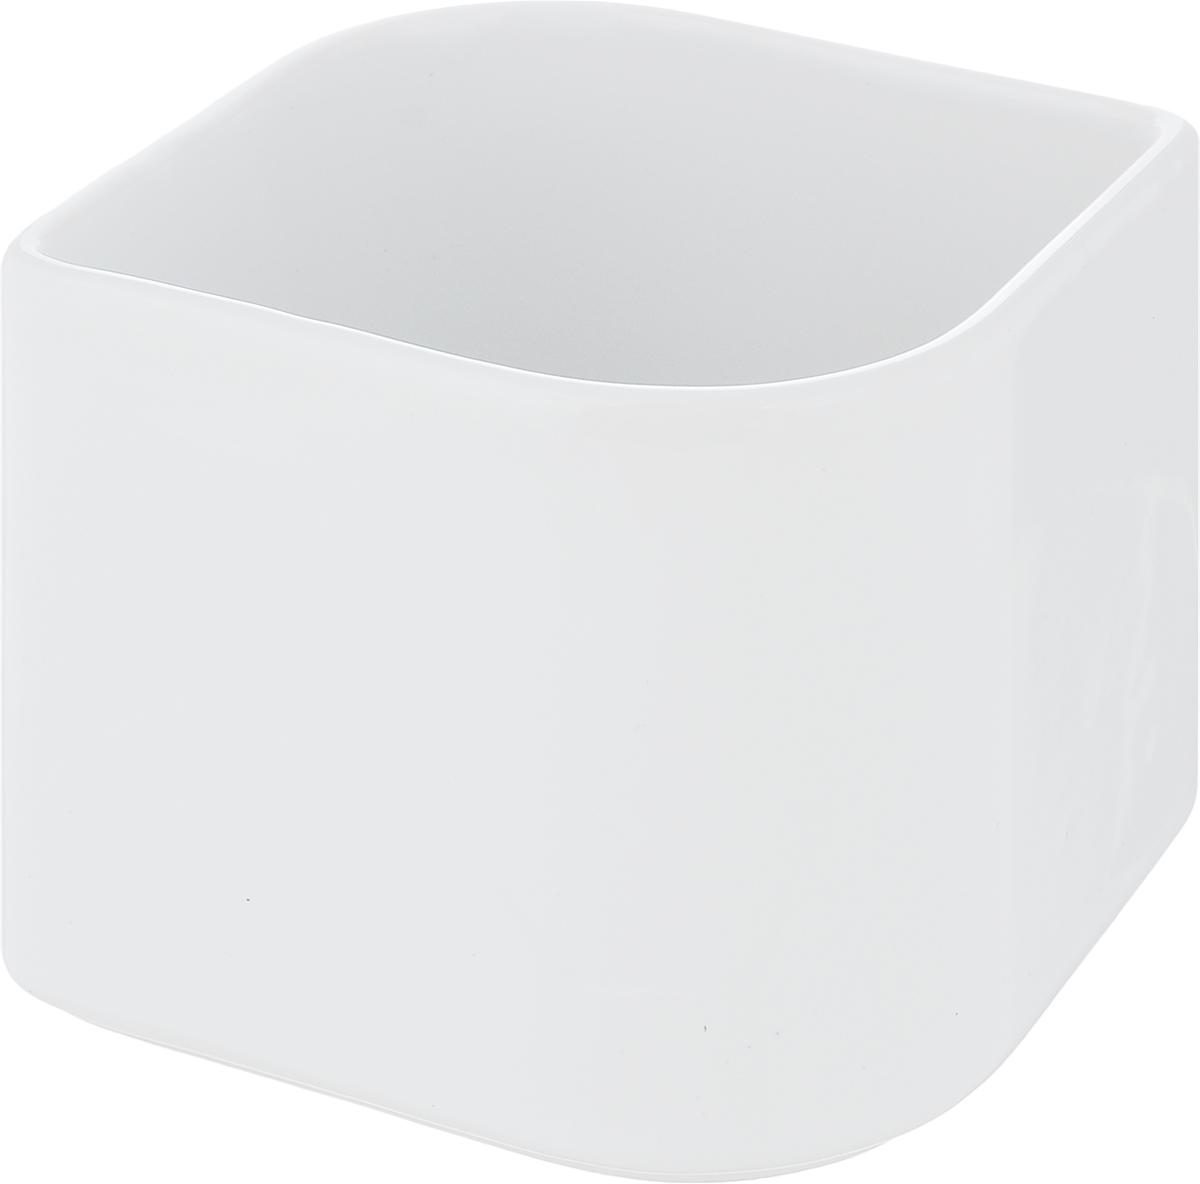 Горшок цветочный Tescoma Sense, цвет: белый, 11 х 13 х 9 см1345276Цветочный горшок Tescoma Sense изготовлен из первоклассной керамики. Горшок подходит для выращивания цветов, растений и трав. Цветочный горшок можно мыть в посудомоечной машине.Размер горшка (по верхнему краю): 11 х 13,5 см.Высота горшка: 9 см.